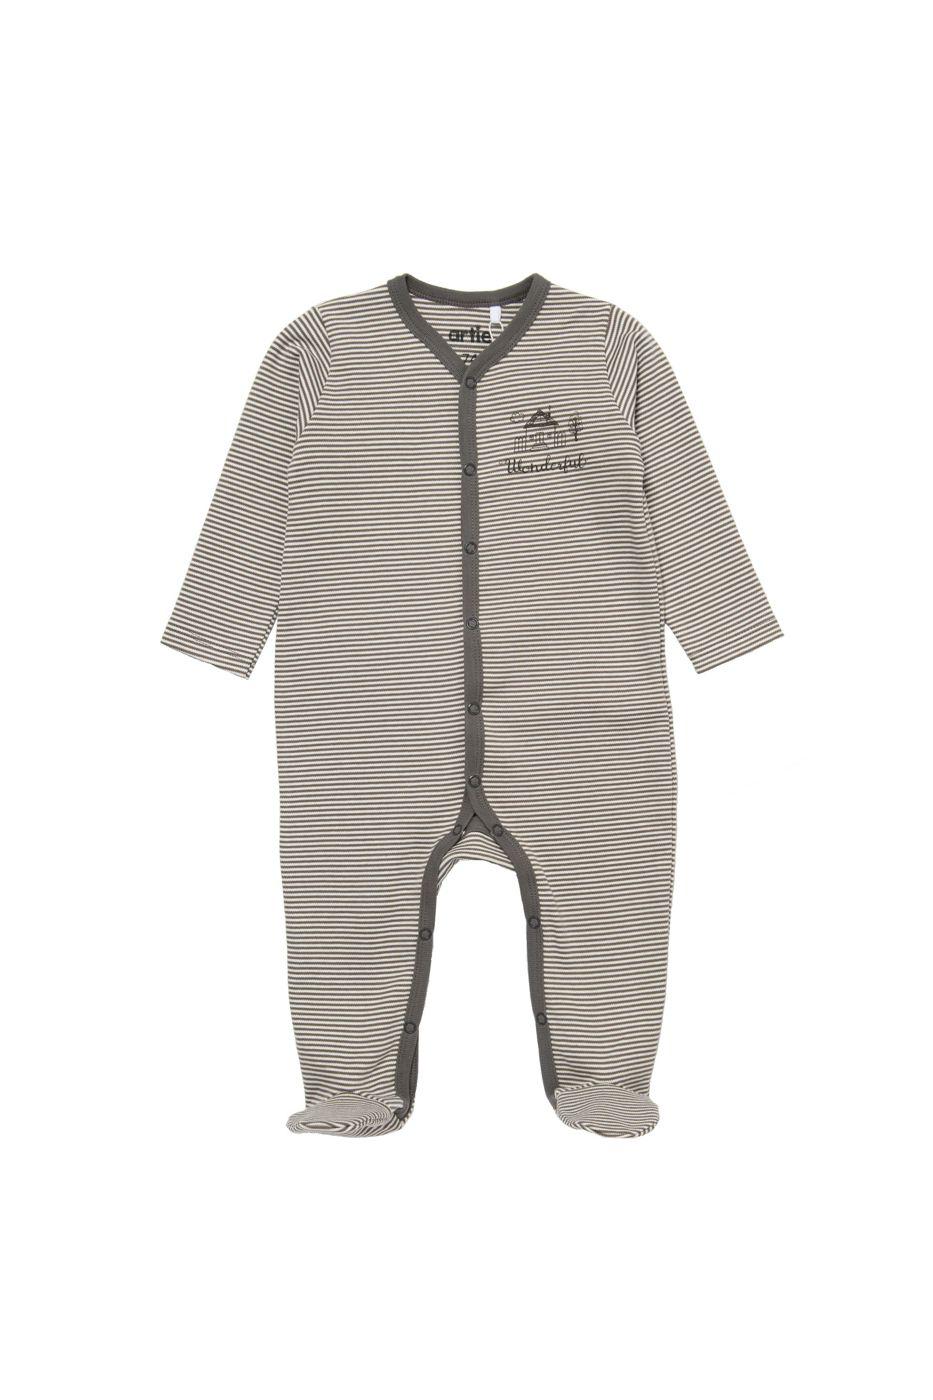 Купить AK-093M, Комбинезон детский artie, цв. серый, р-р 74, Слипы для новорожденных